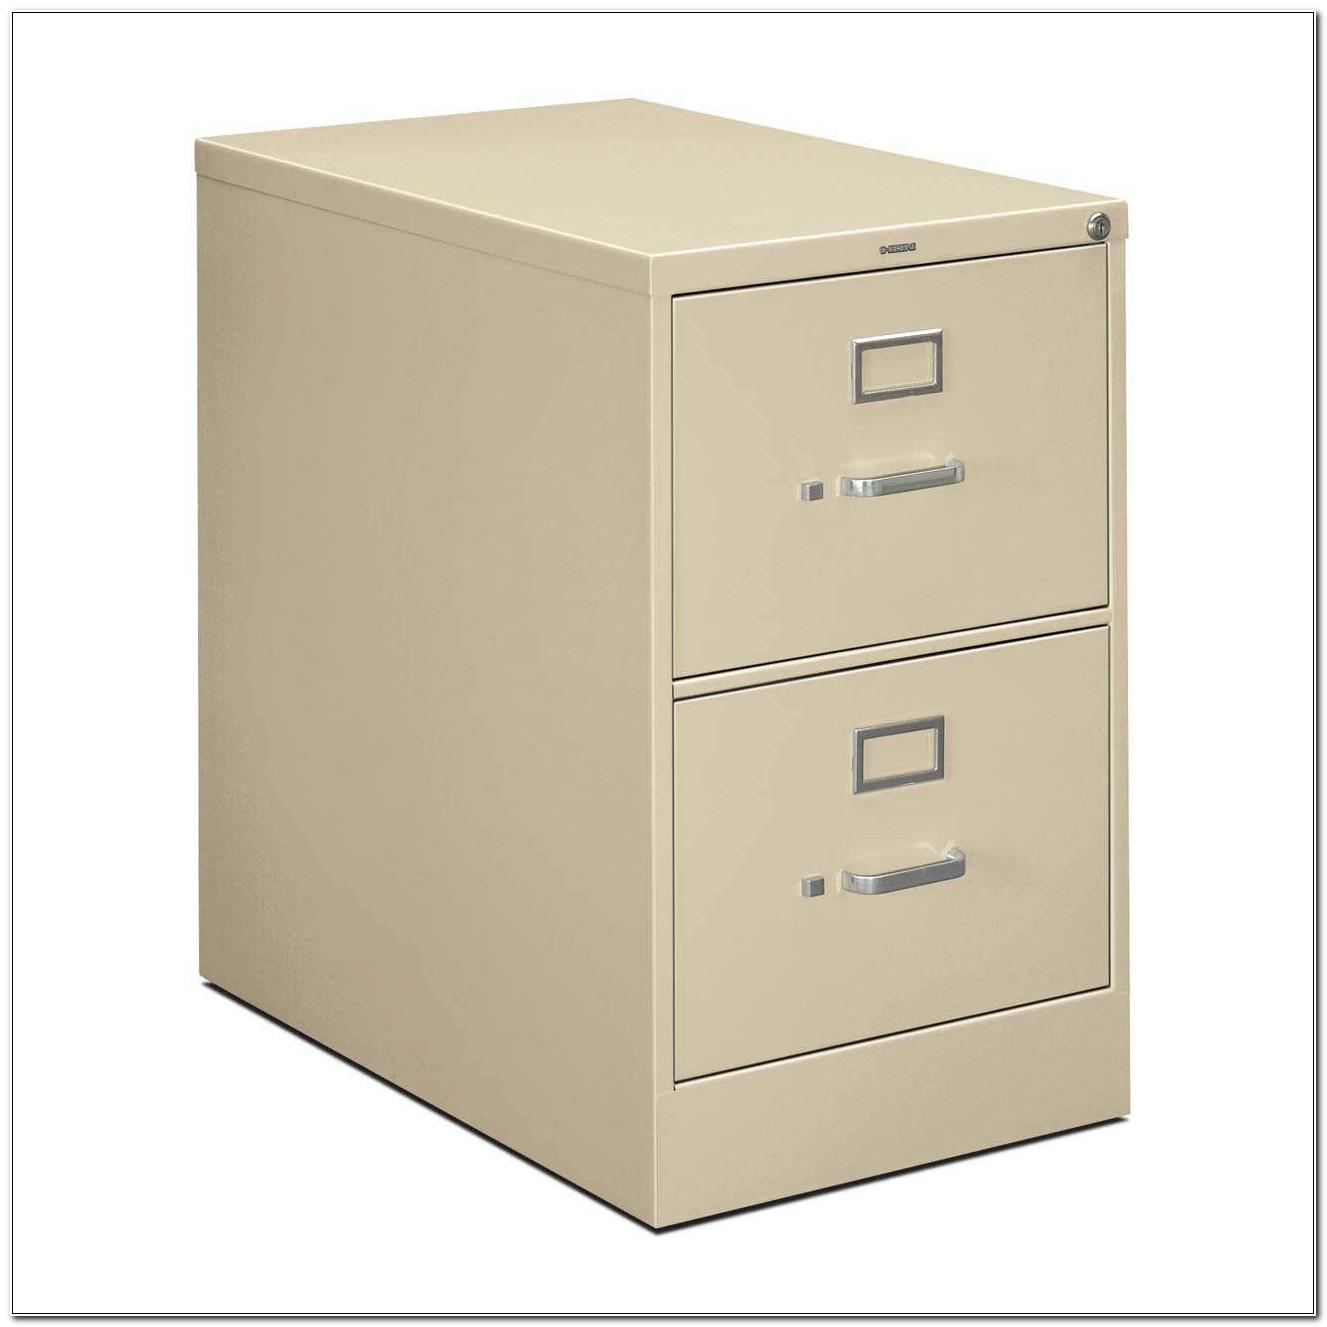 2 Drawer Locking Filing Cabinet